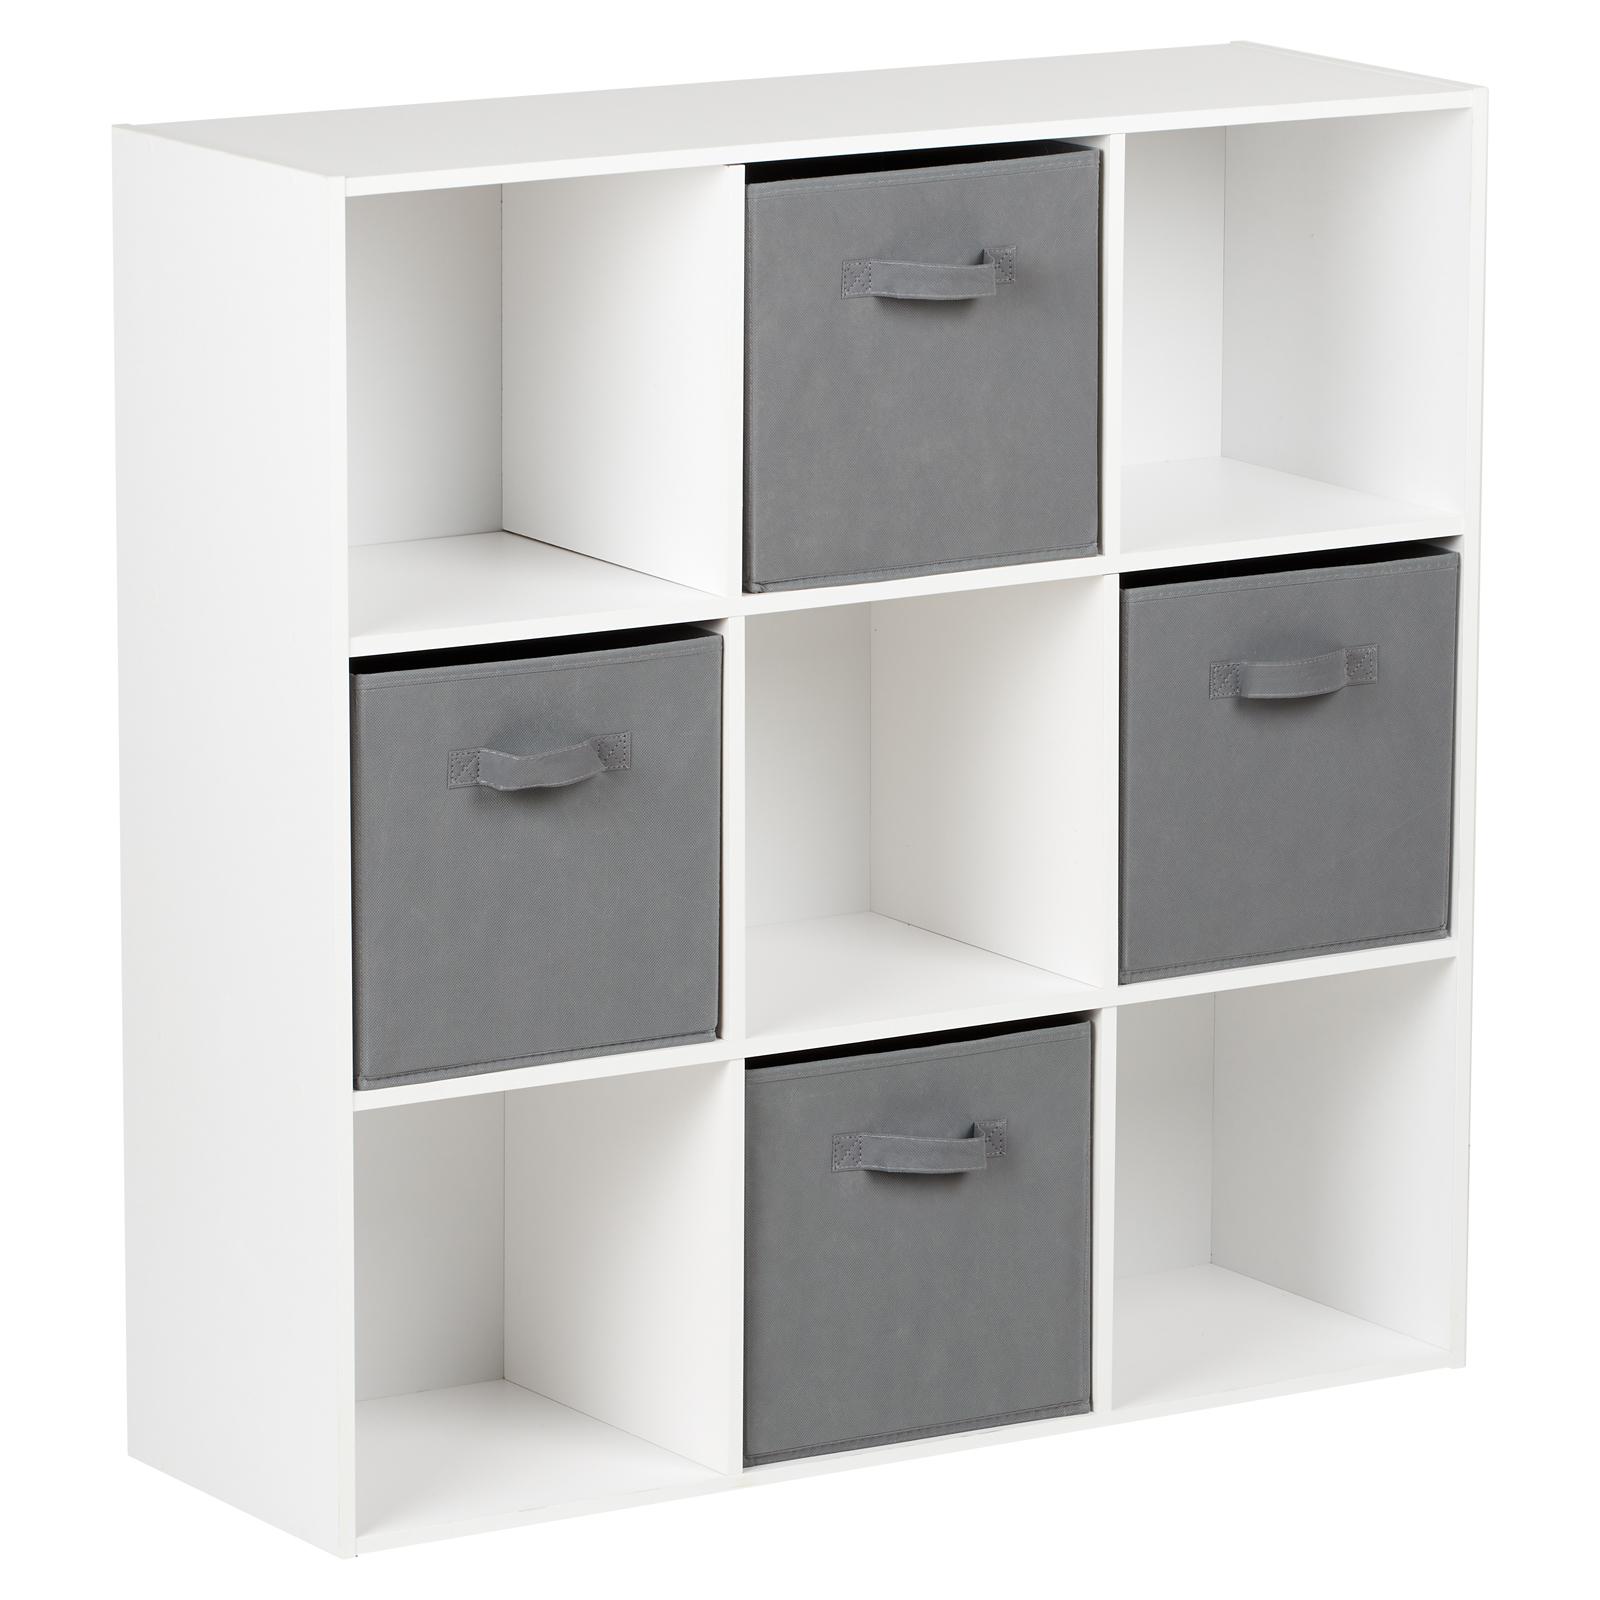 Scatole Per Scaffali.Dettagli Su Hartleys Mobile Scaffale Nero Con 9 Cubi Modulare E 4 Cassetti Scatole Grigio